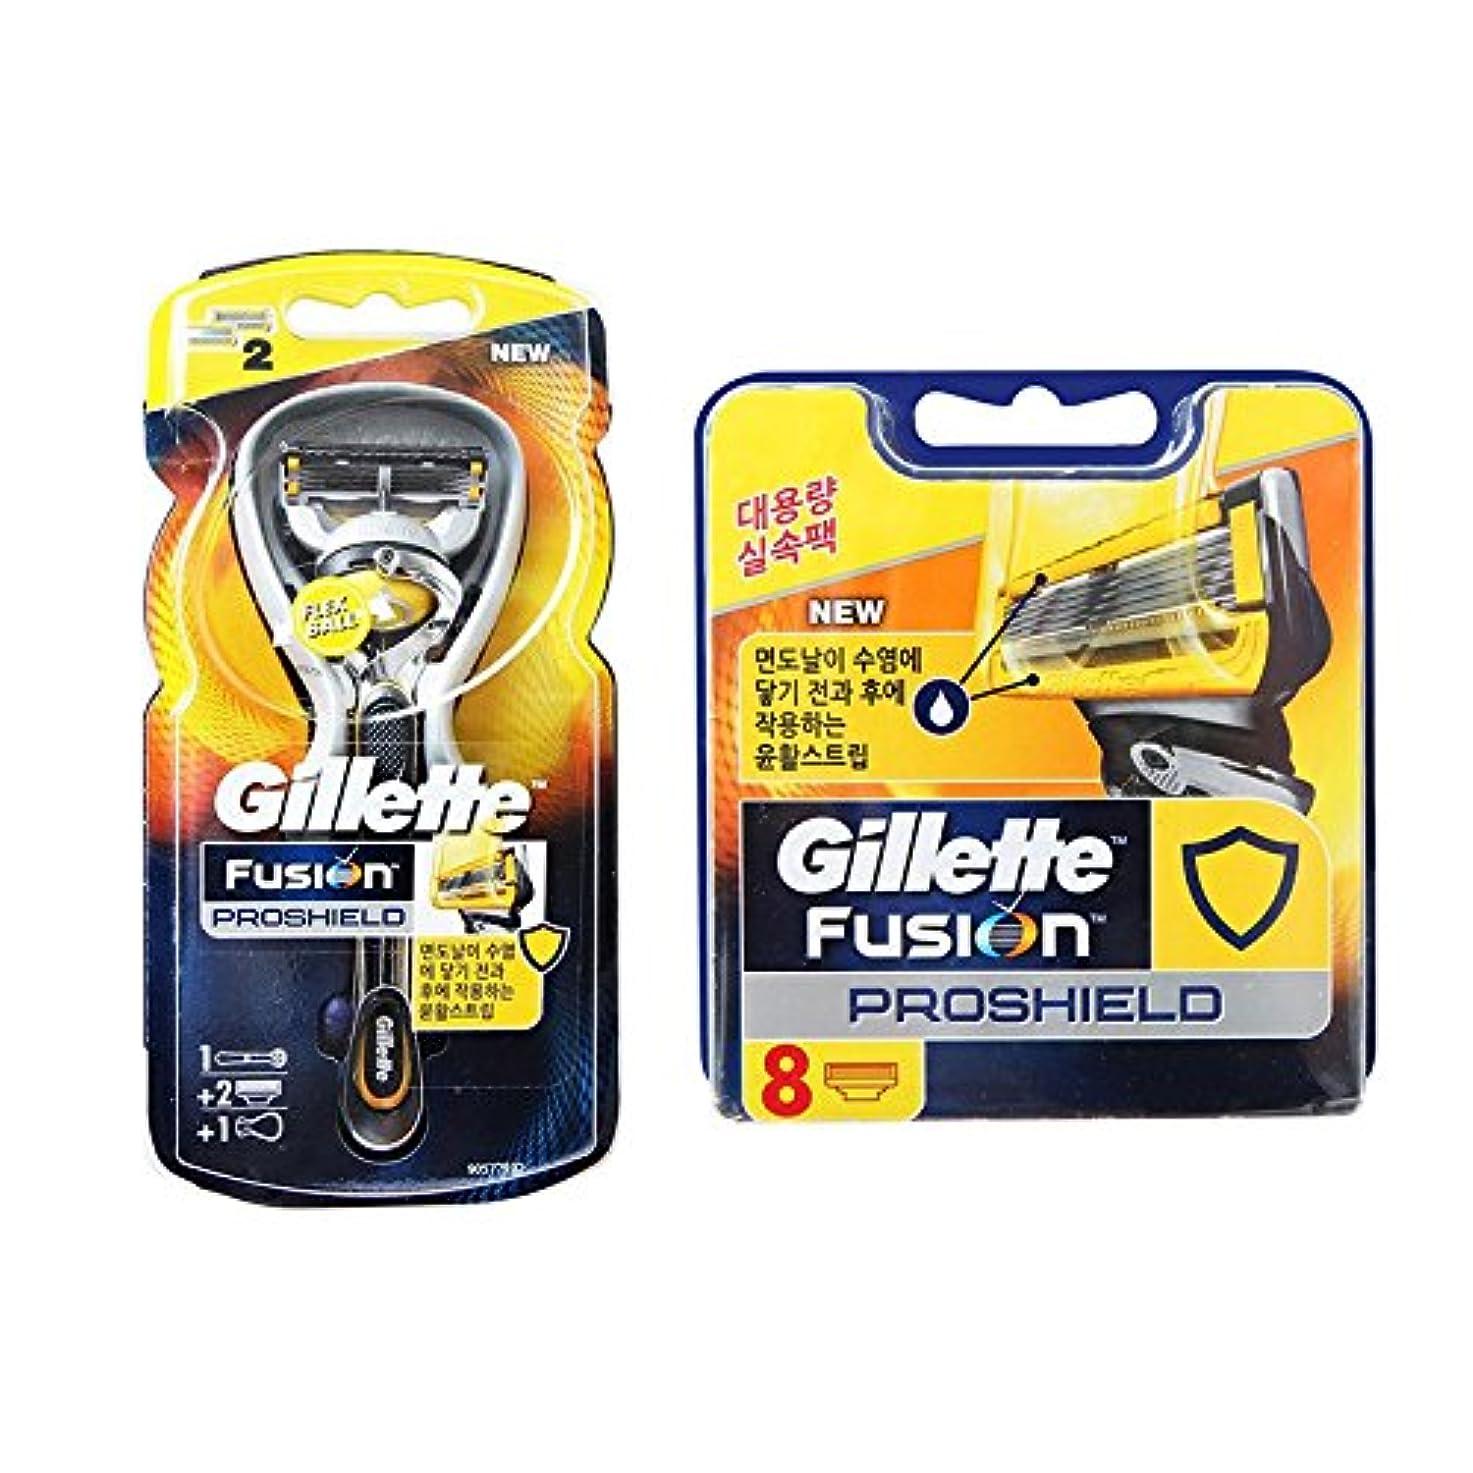 規制受取人散文Gillette Fusion Proshield Yellow 1本の剃刀と10本の剃刀刃 [並行輸入品]